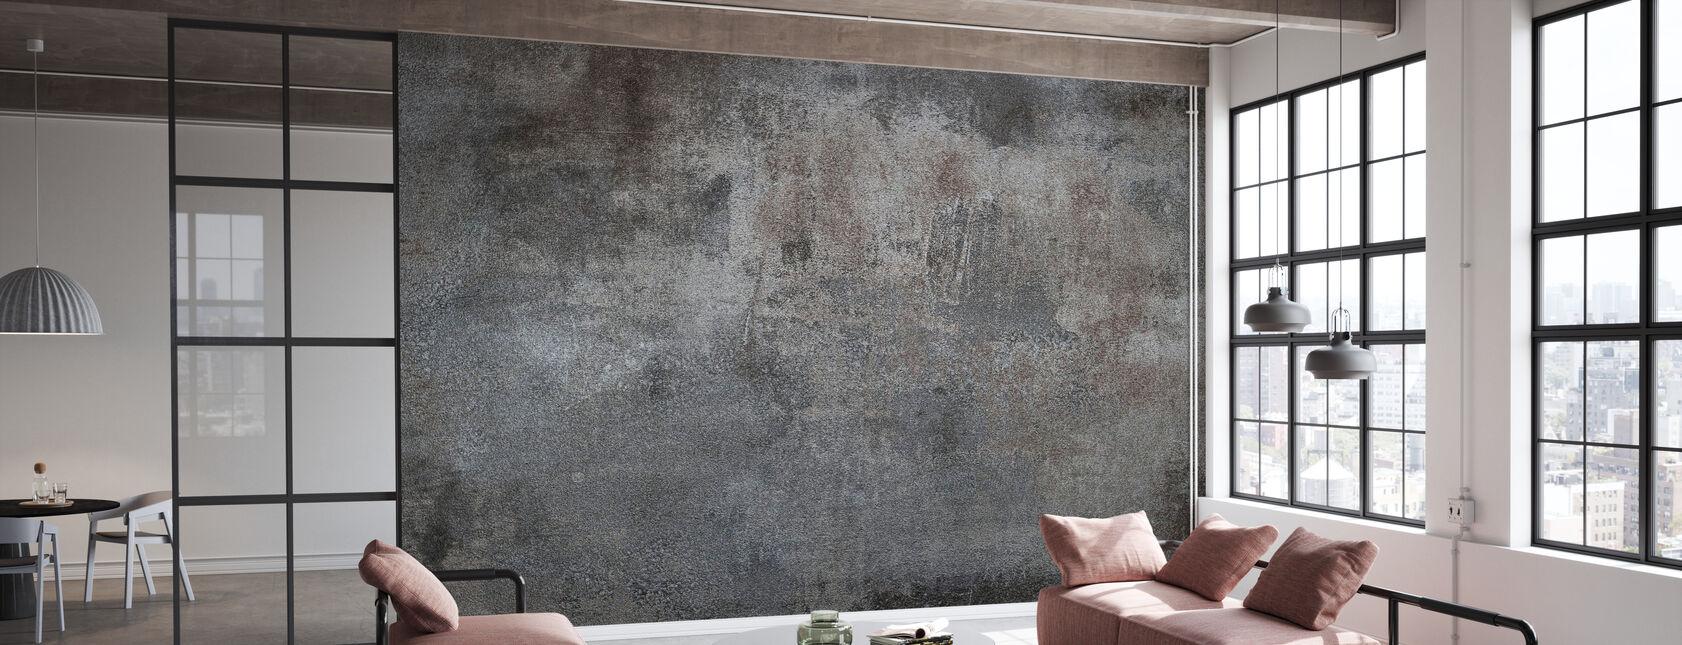 Grunge Metal Texture - Wallpaper - Office